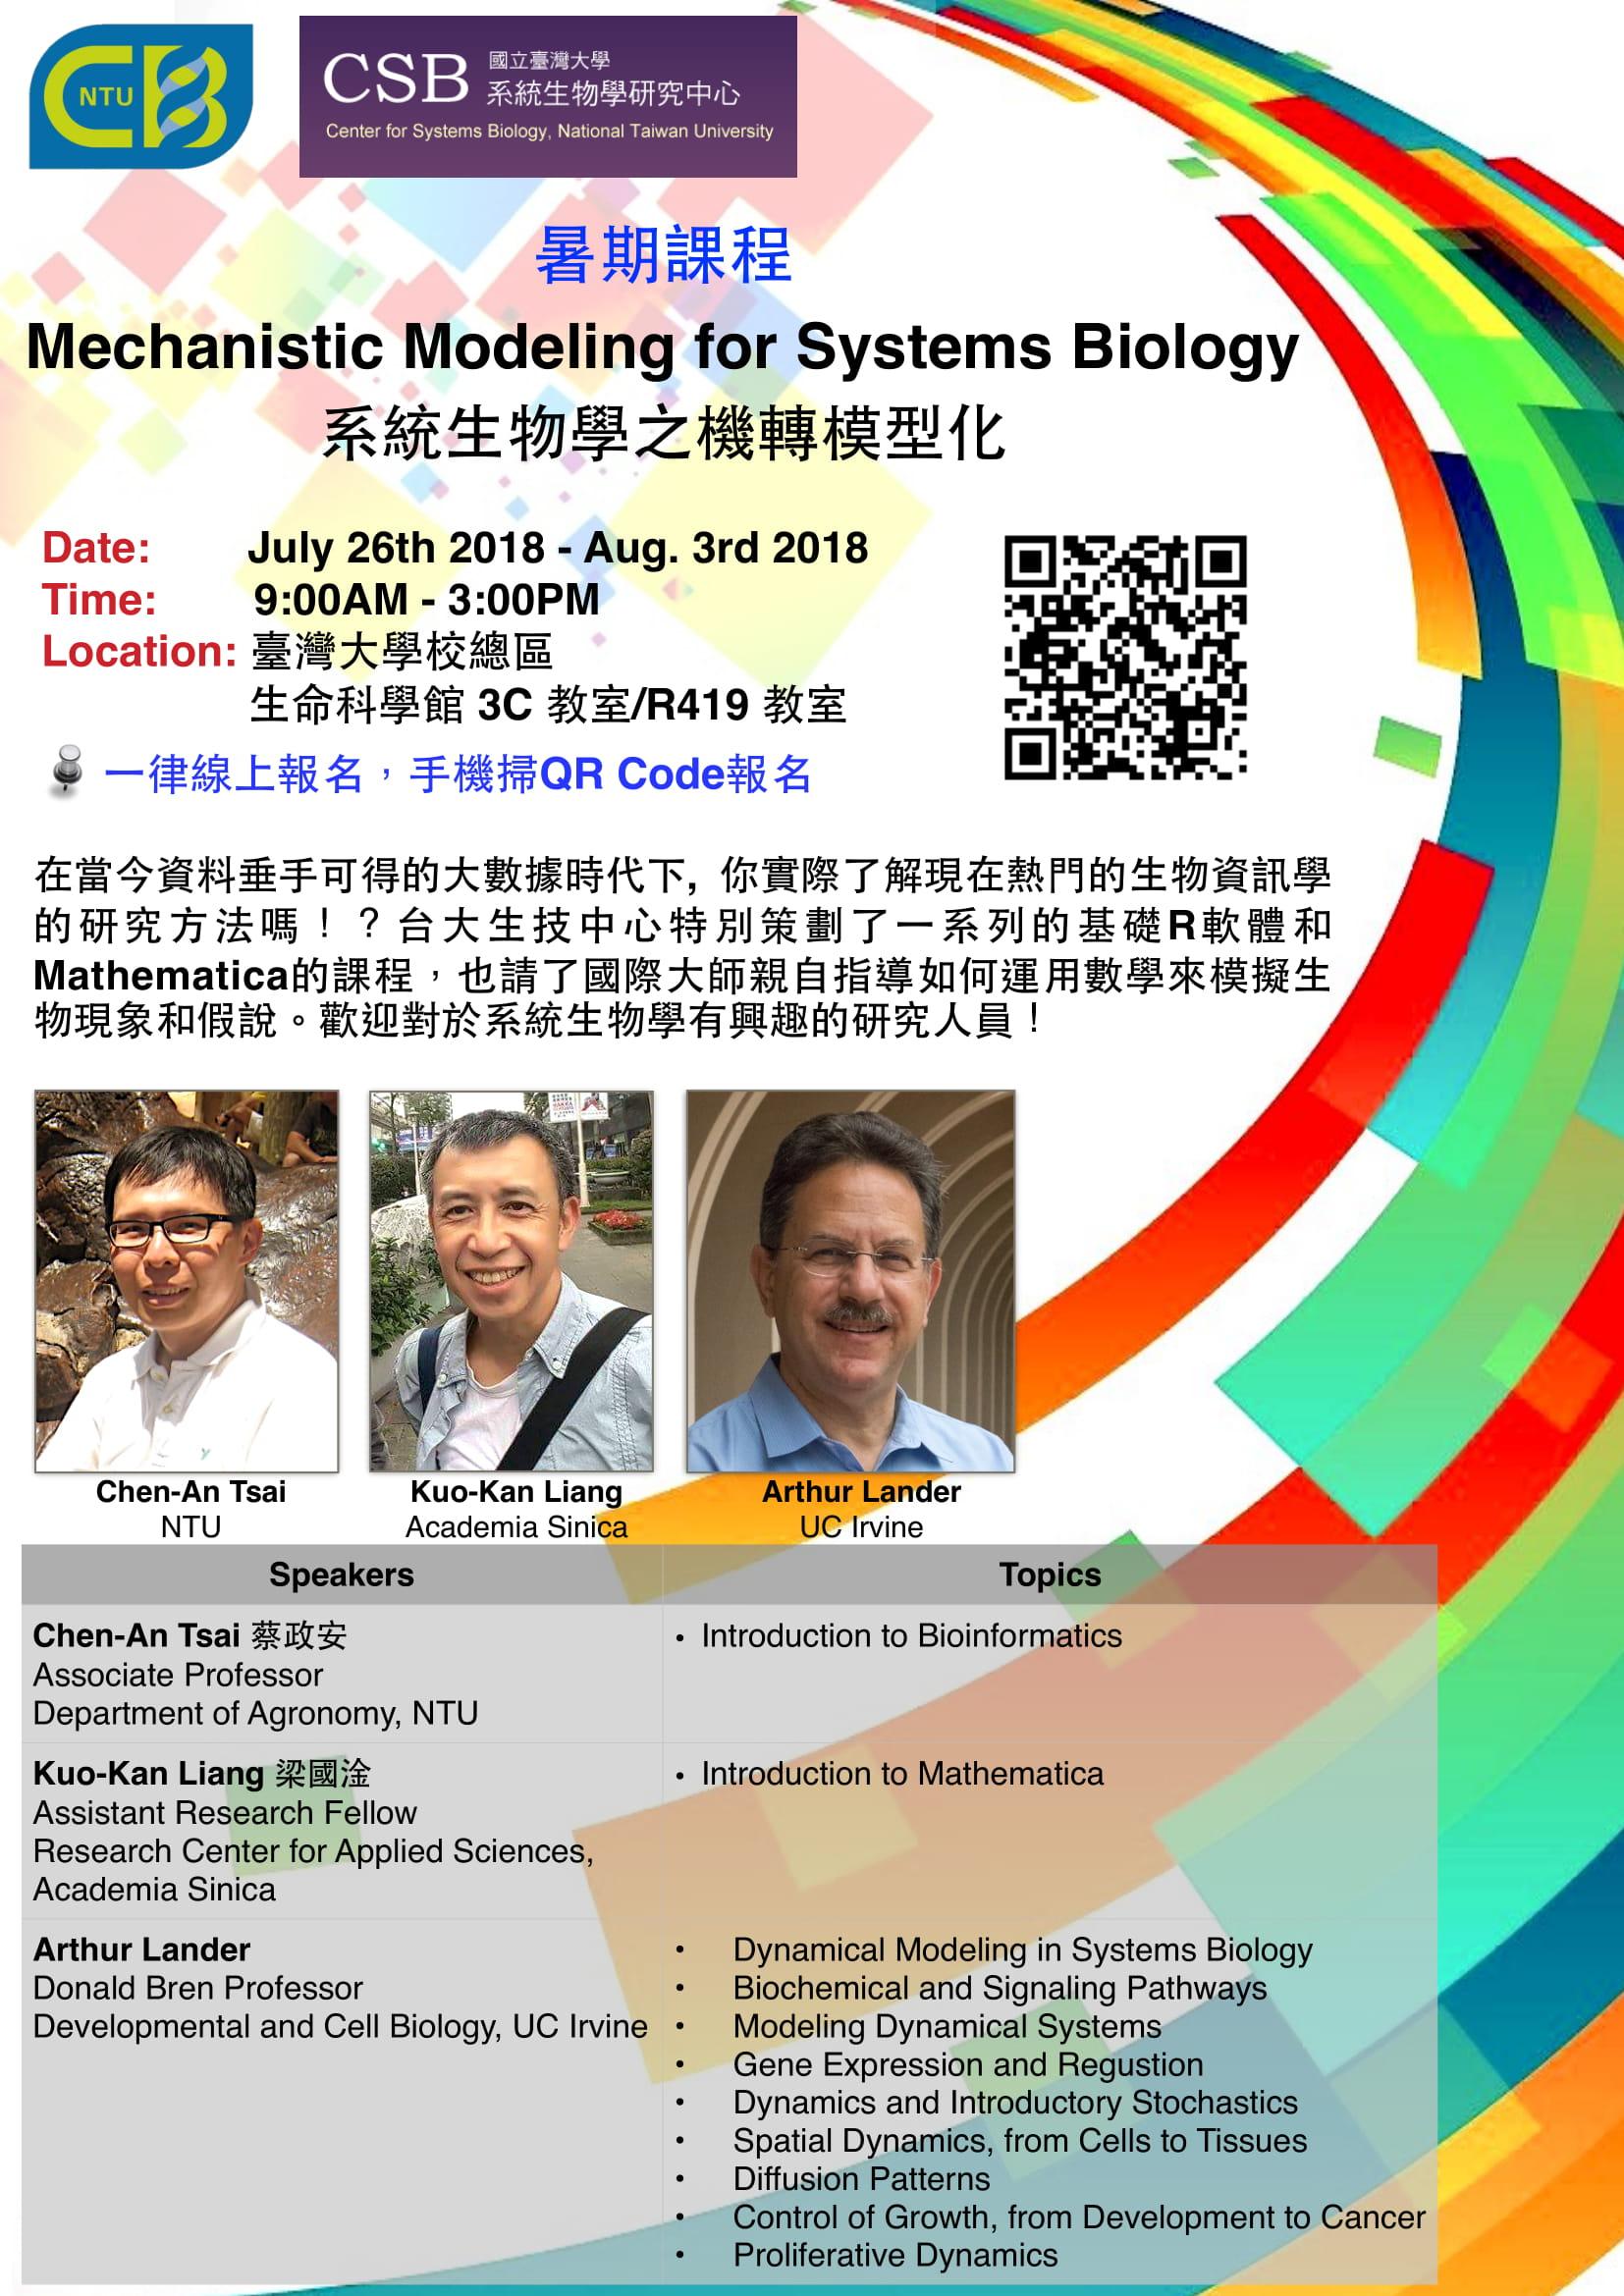 【暑期課程】系統生物學之機轉模型化(英語授課) – 國立臺灣大學植微系 SHEN LAB